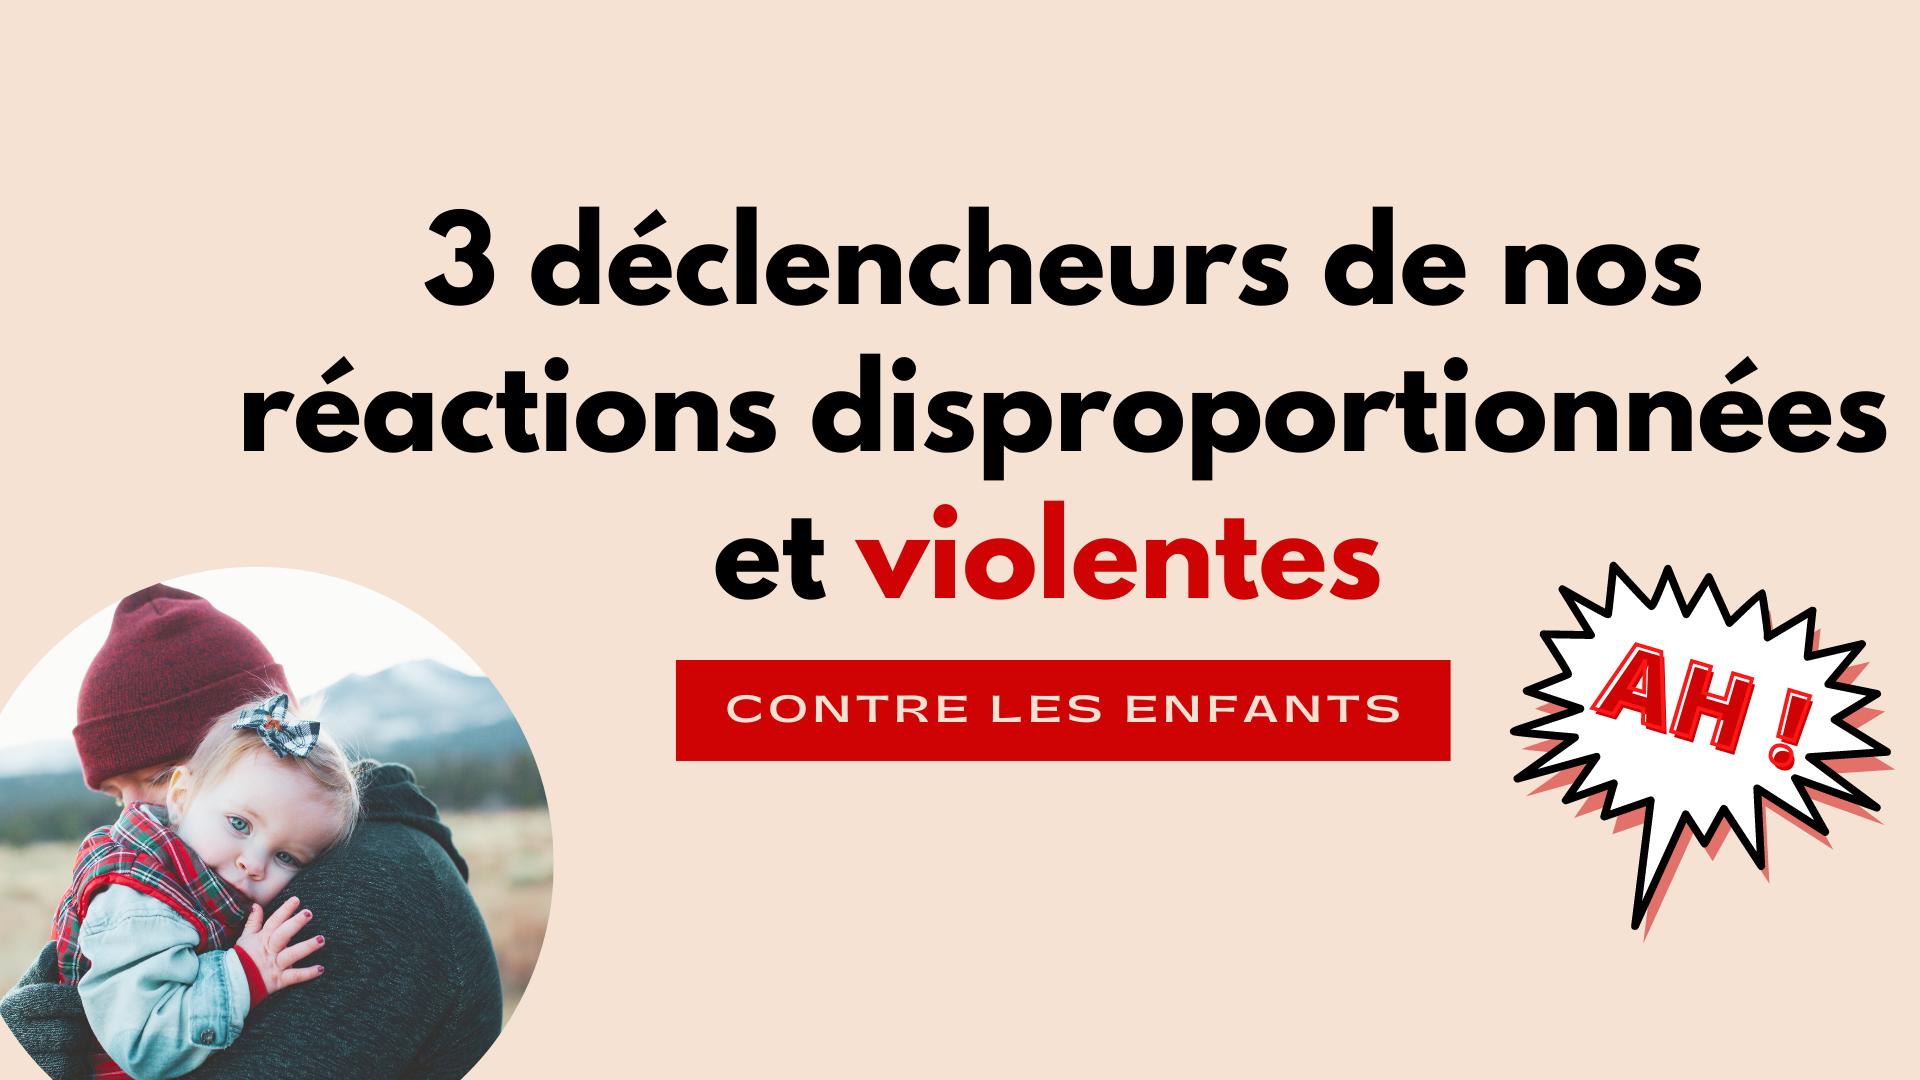 3 déclencheurs de nos réactions disproportionnées et violentes contre les enfants